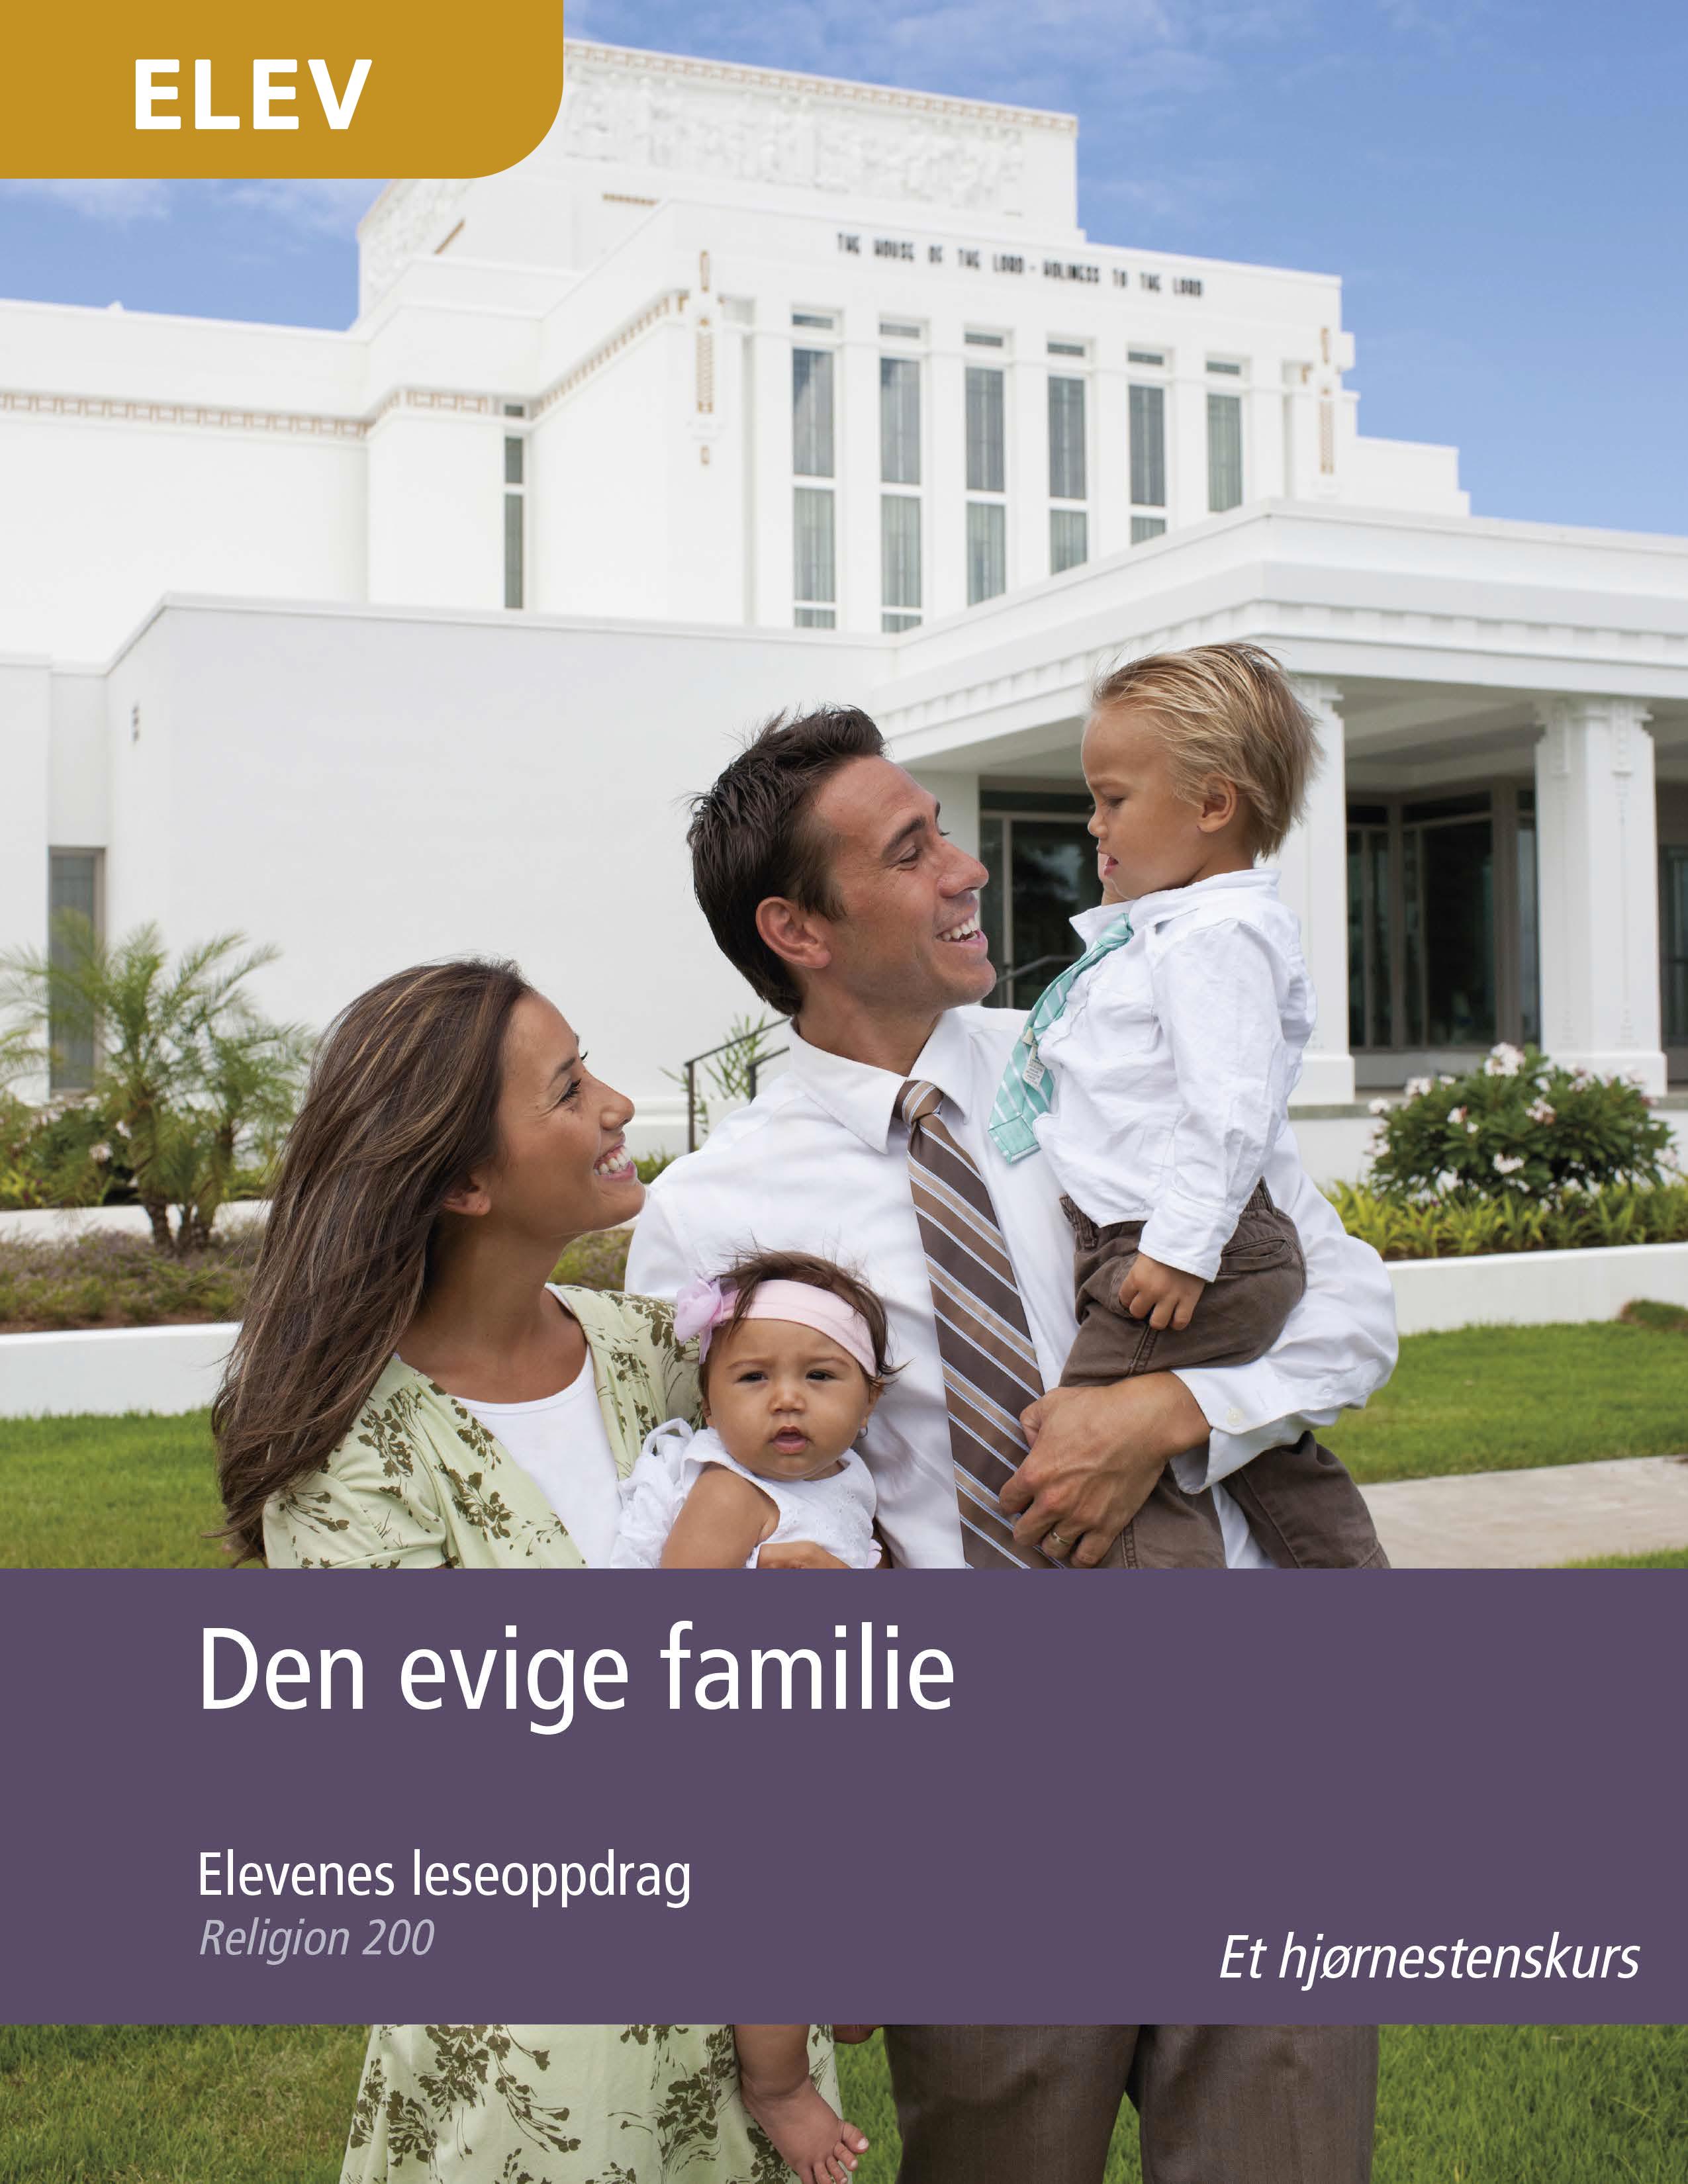 Den evige familie – Elevenes leseoppdrag (Religion 200)